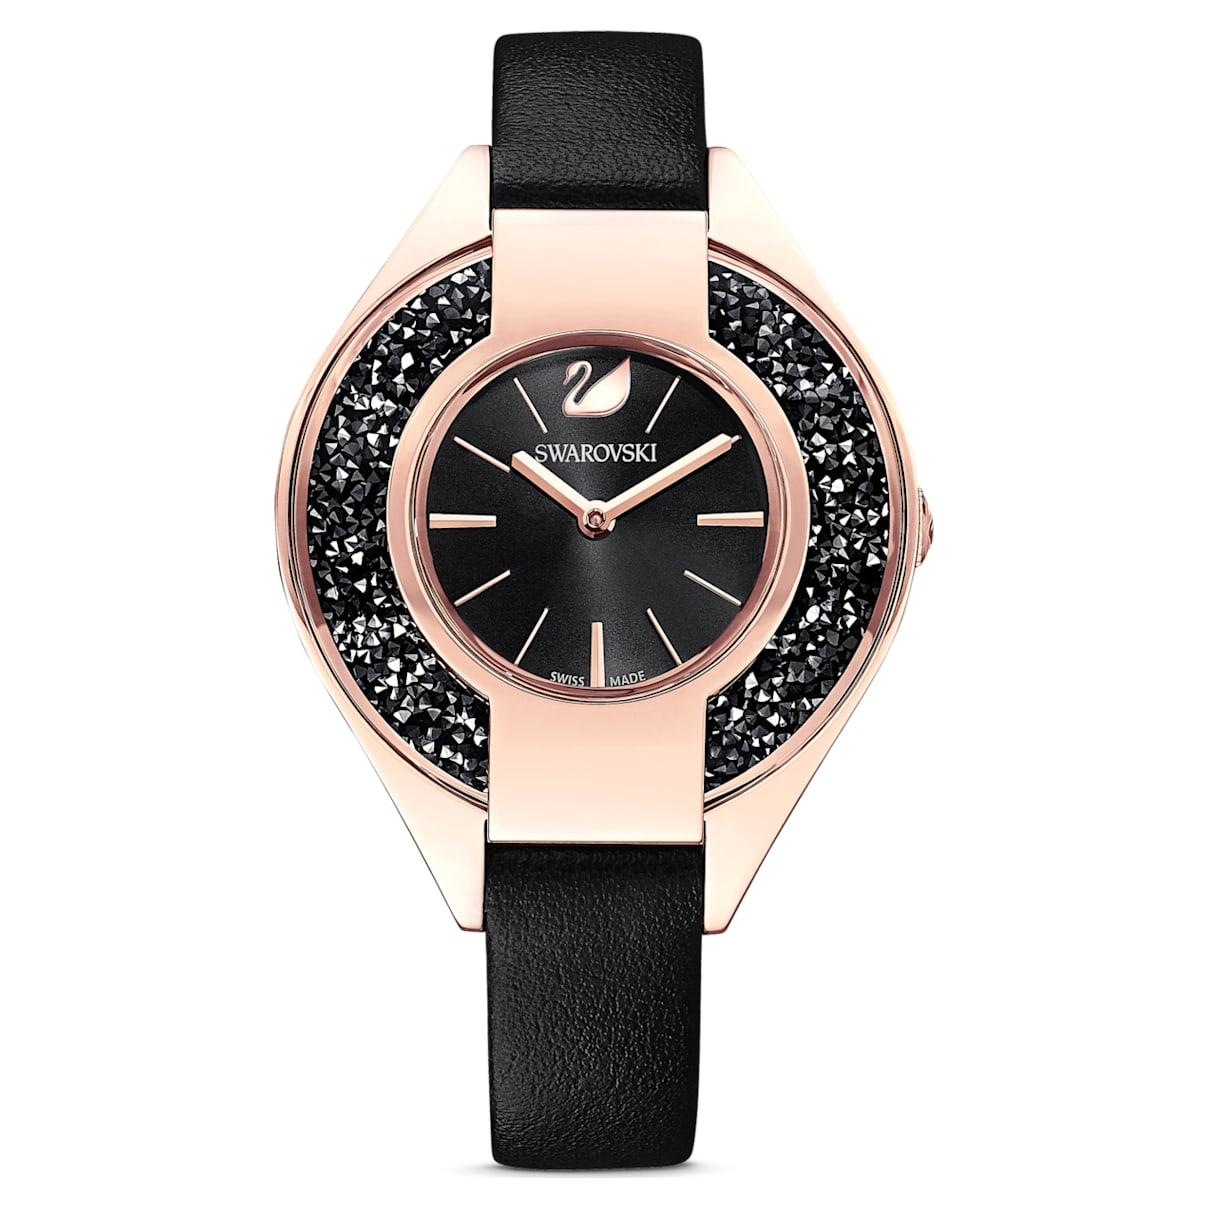 Orologio Crystalline Sporty, cinturino in pelle, nero, PVD oro rosa